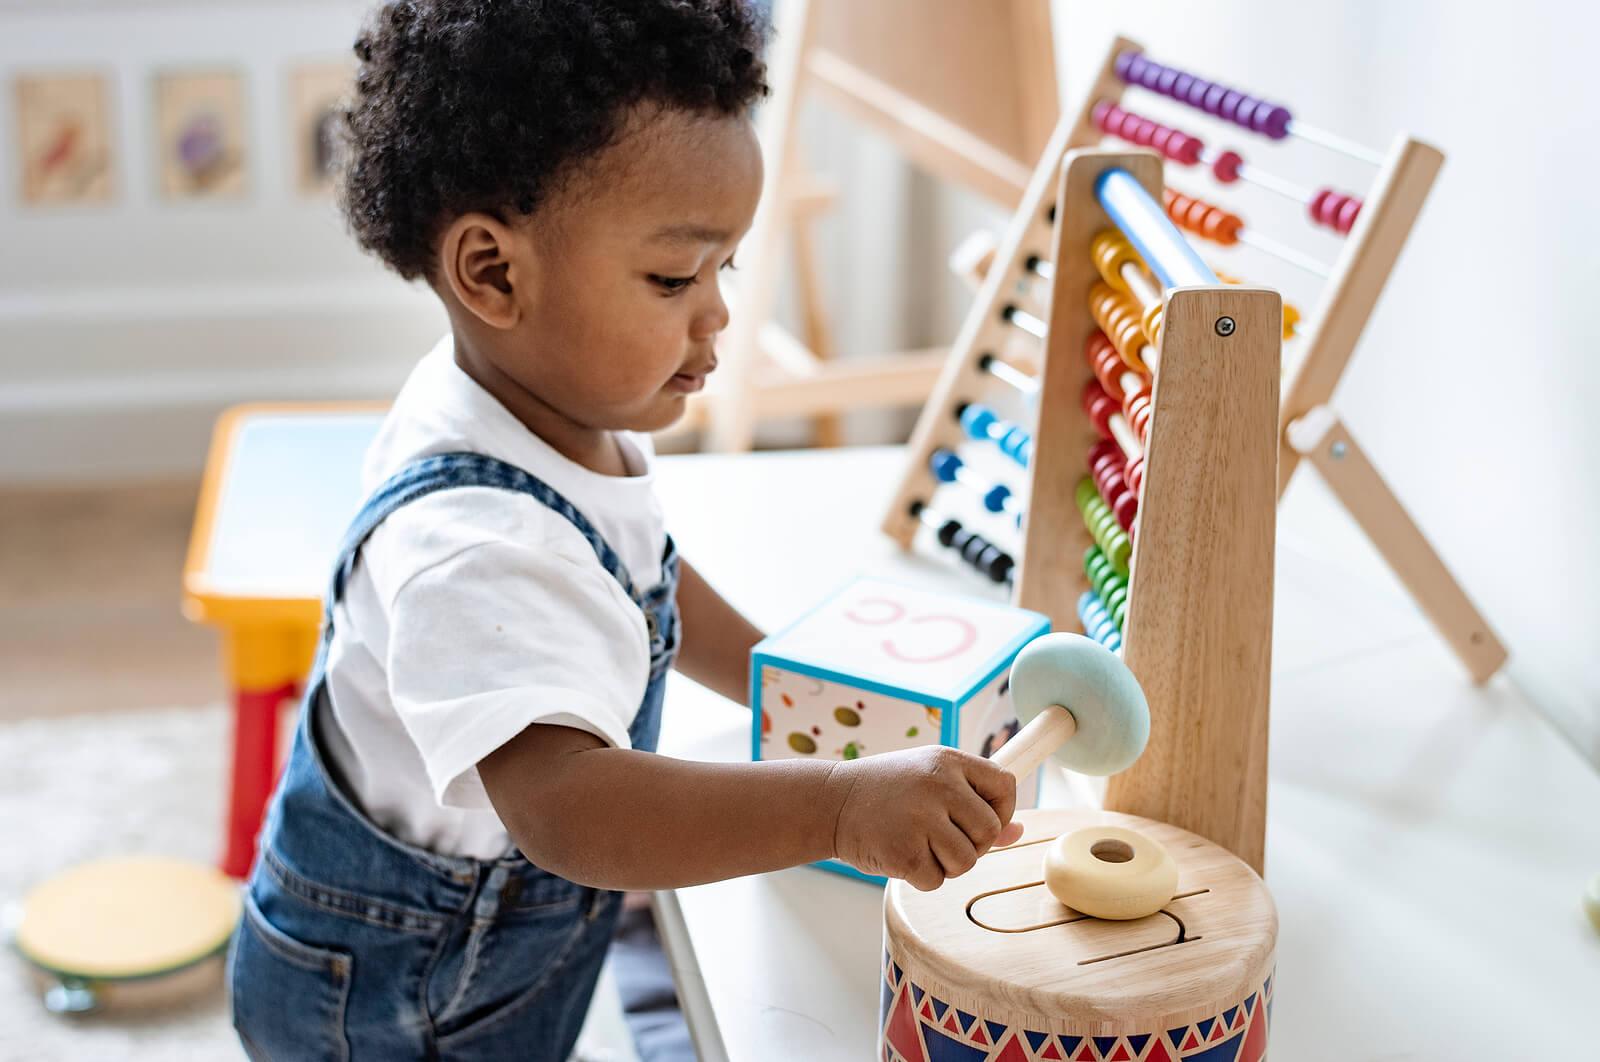 Niño jugando con juguetes Montessori.